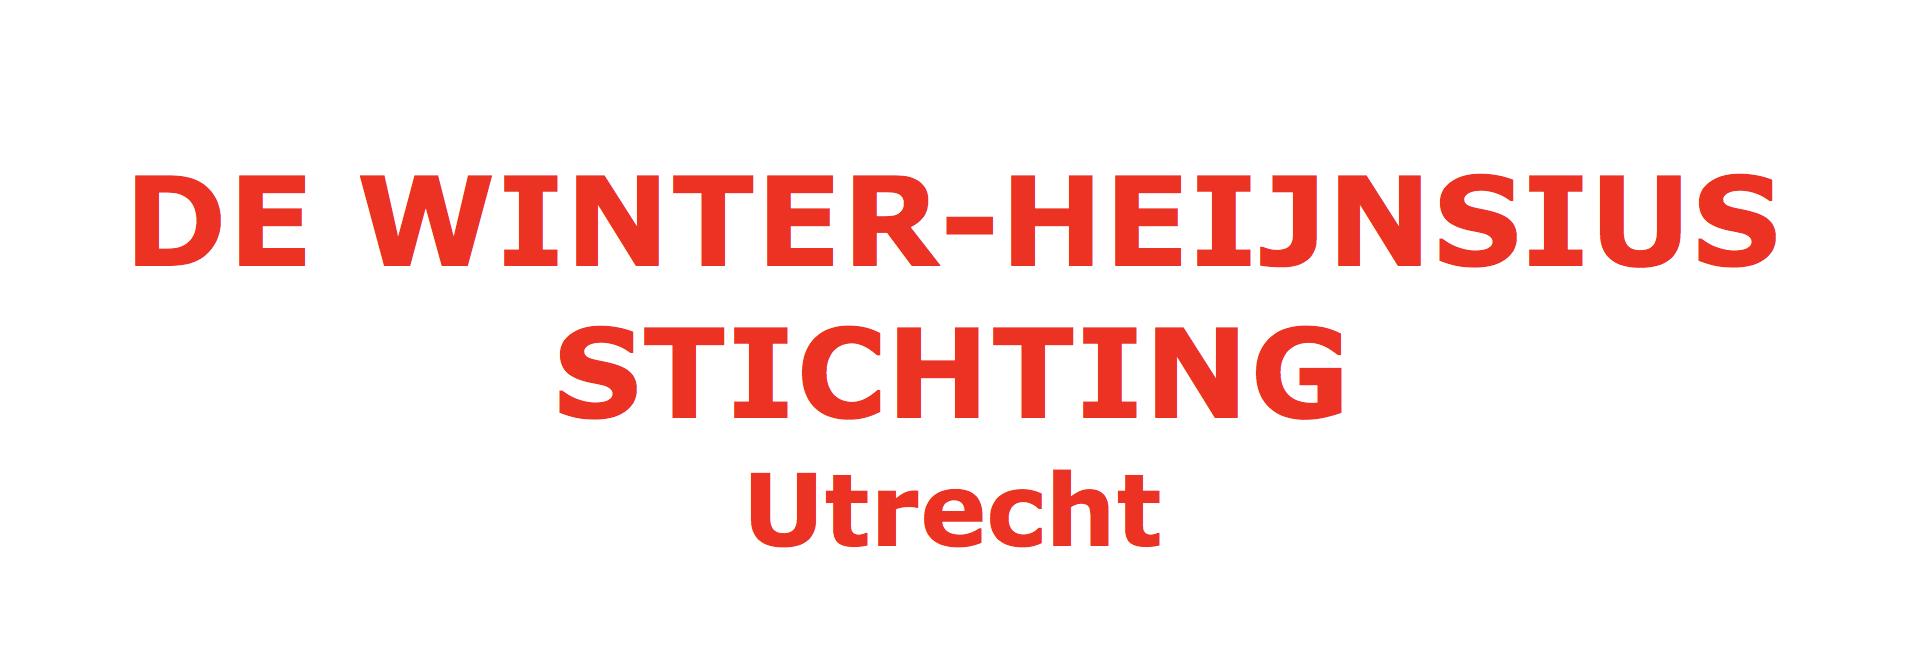 De Winter Heinsius Stichting